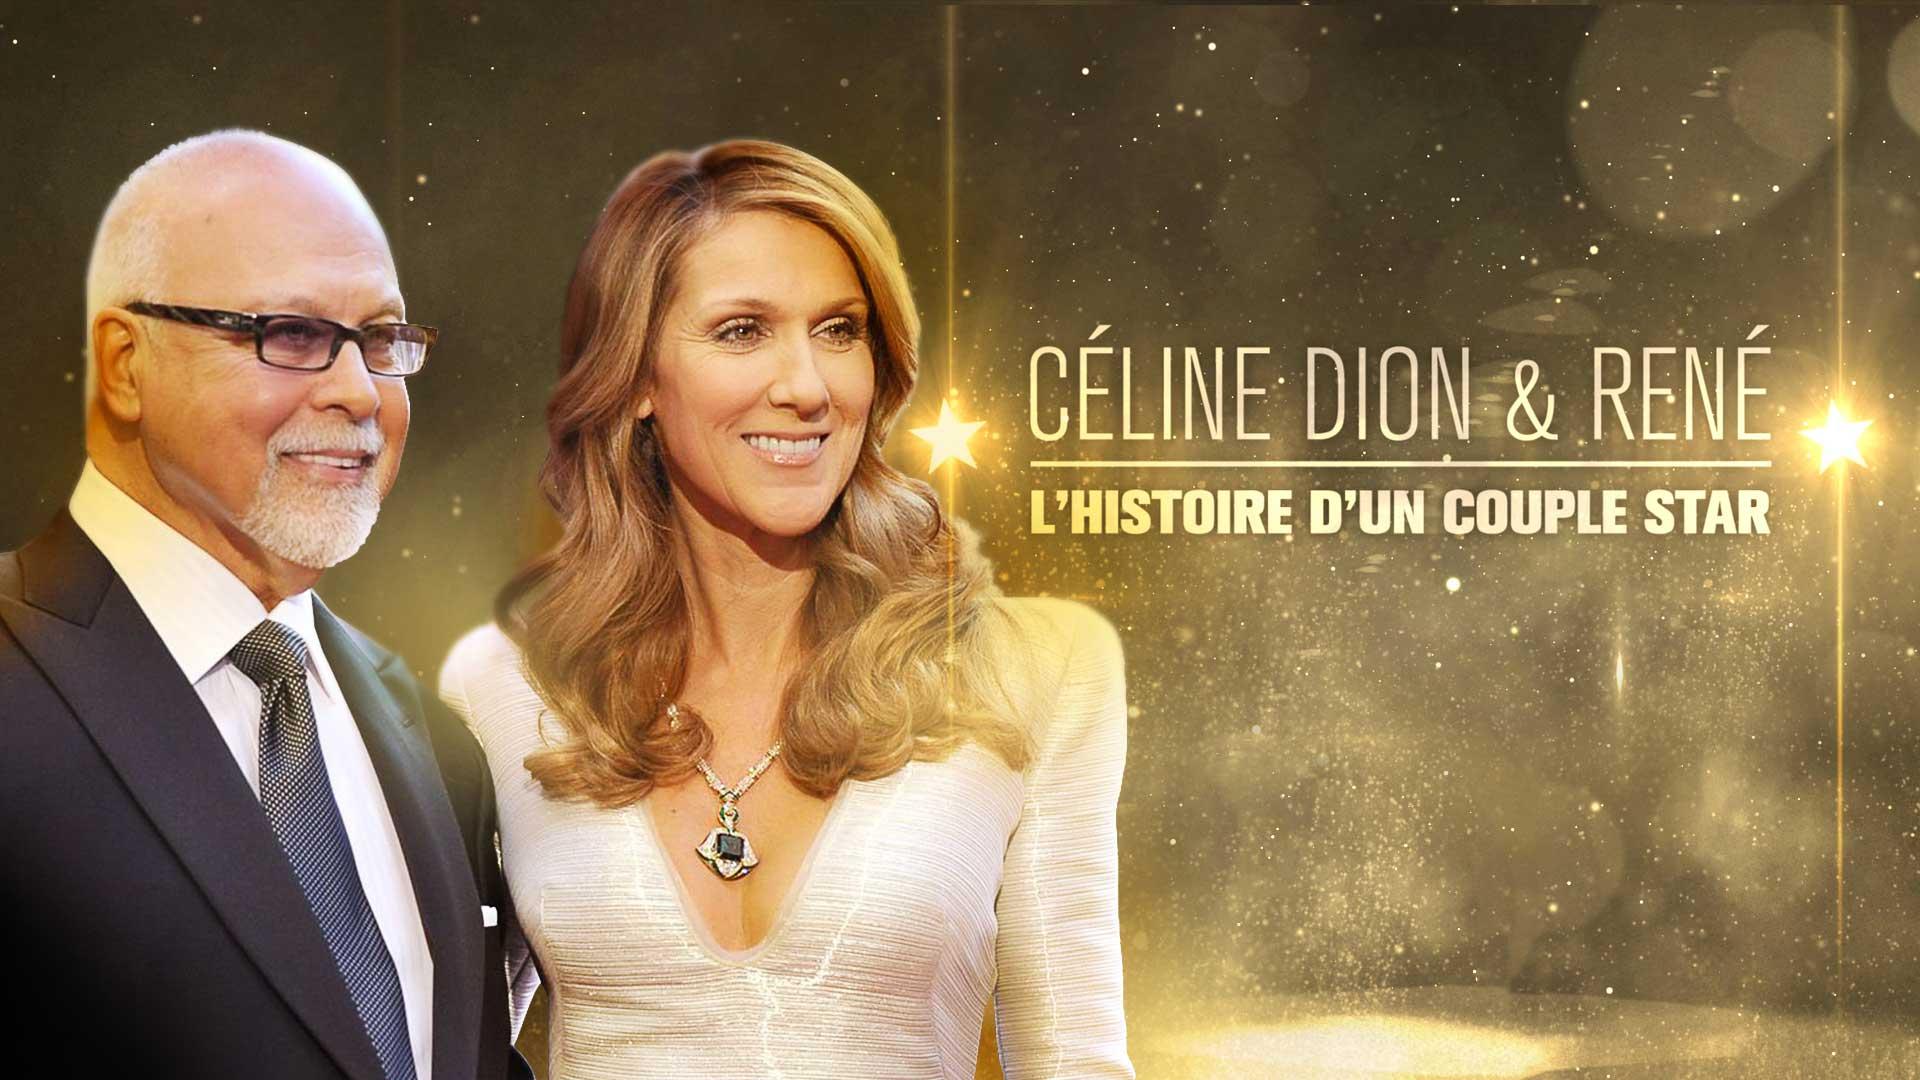 CÉLINE DION & RENÉ